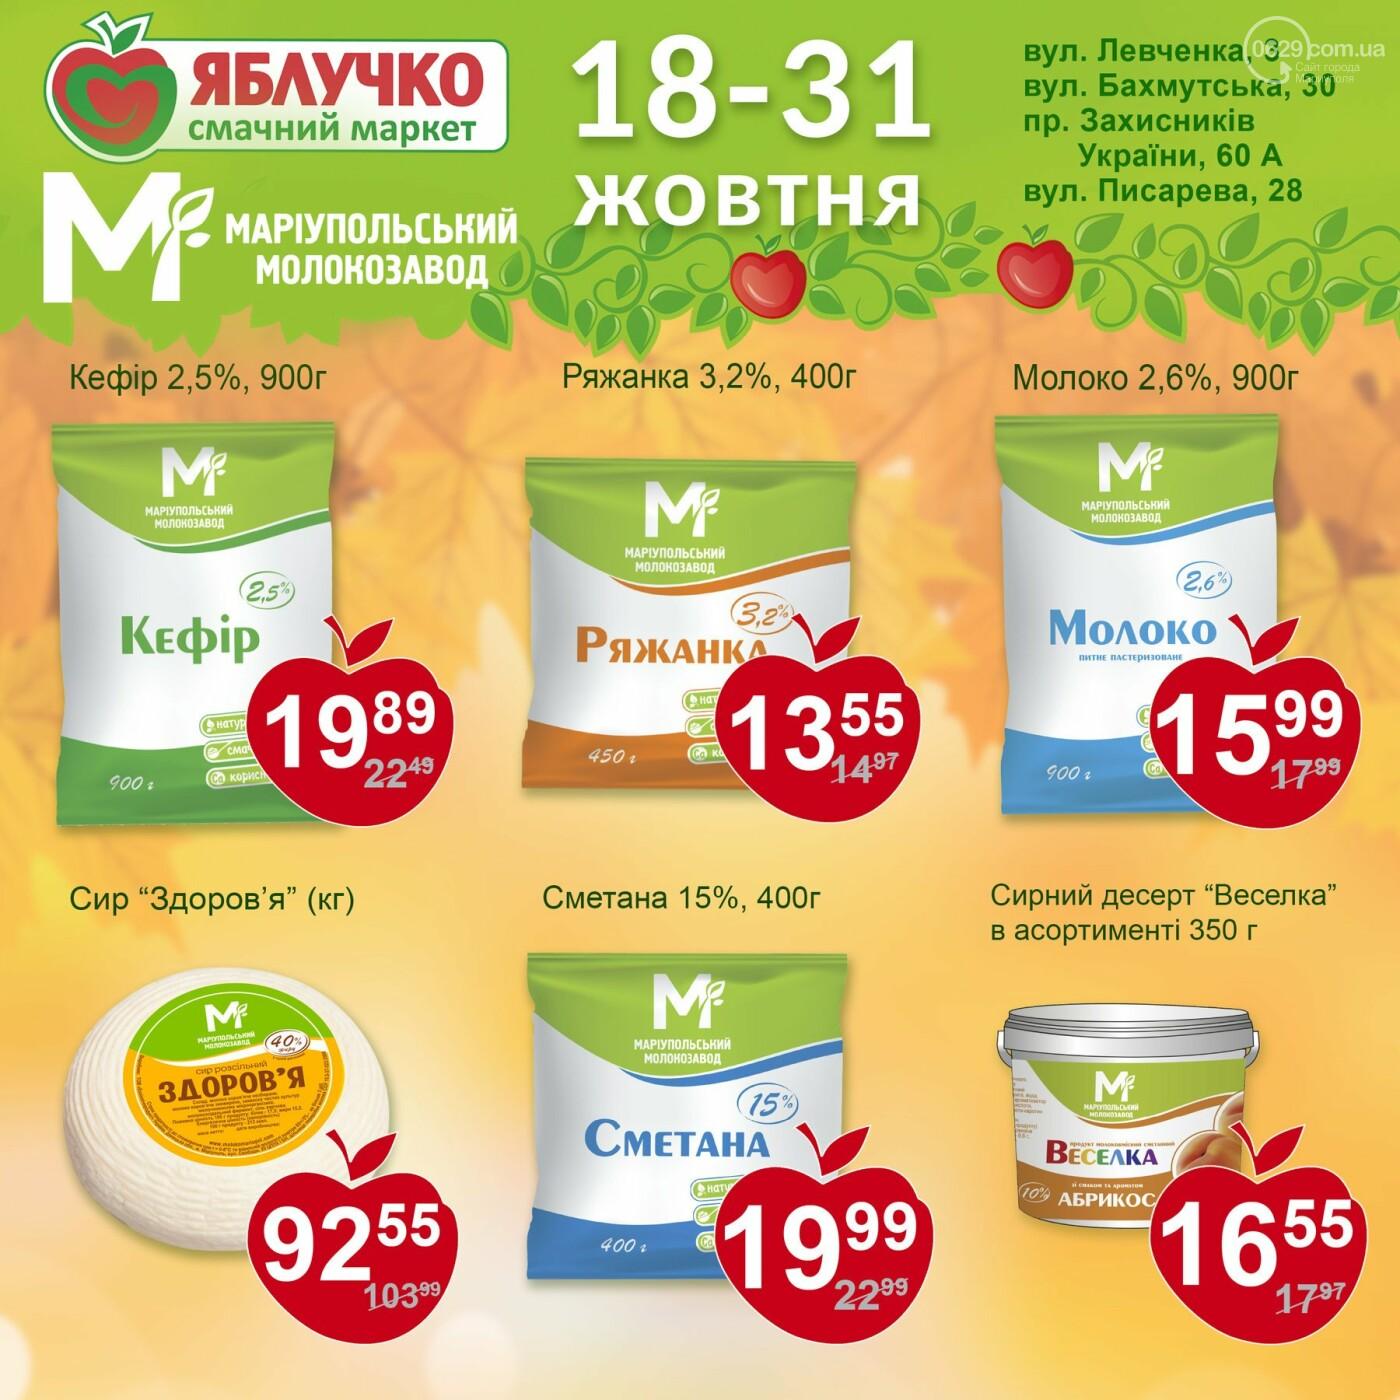 Ко Дню пищевика Мариупольский молокозавод дарит 1000 гривен  , фото-8